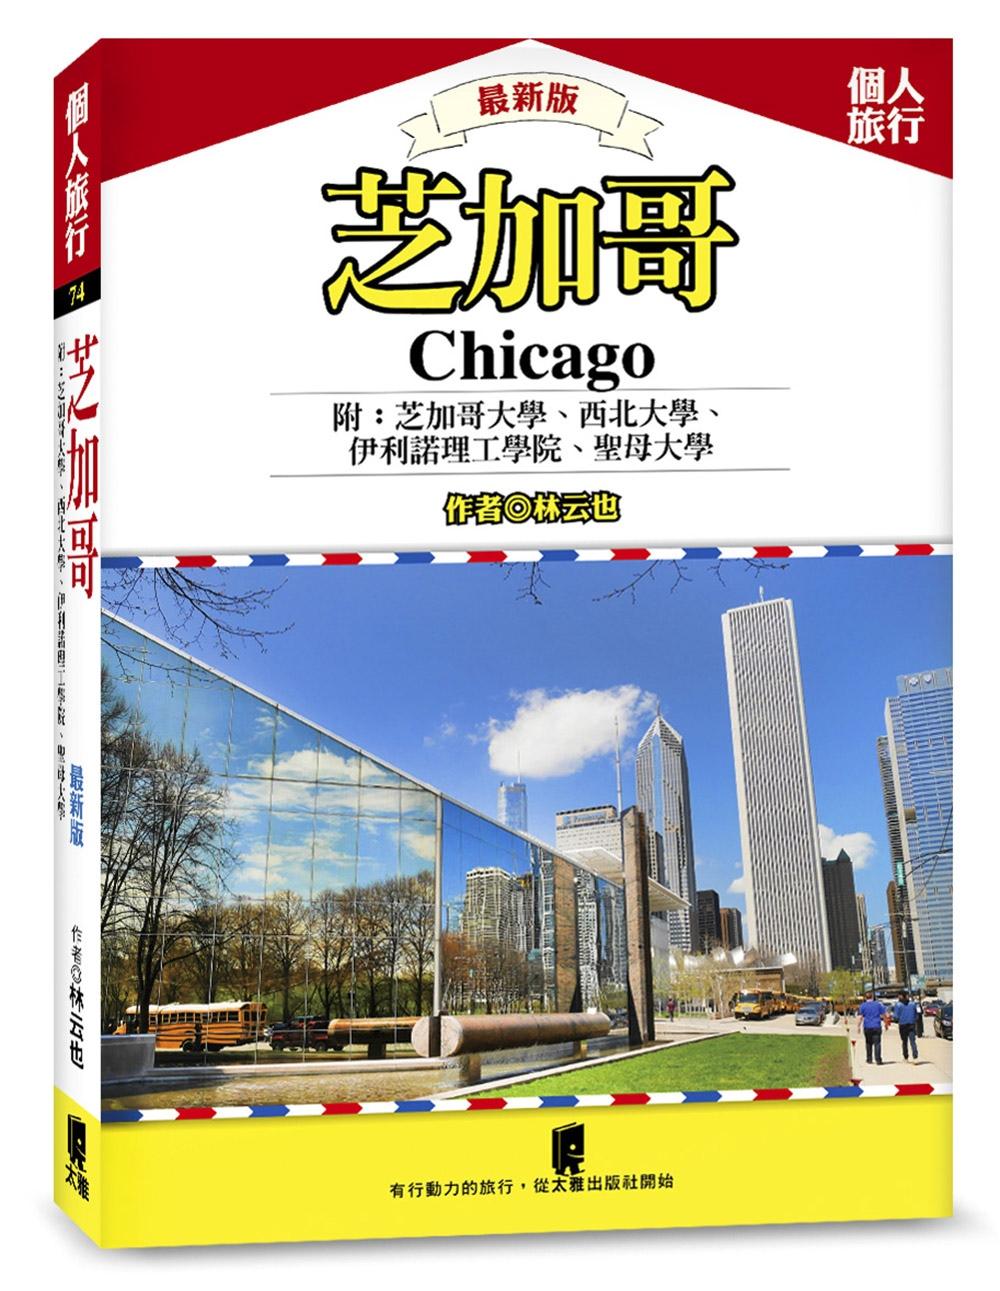 芝加哥:芝加哥大學、西北大學、...